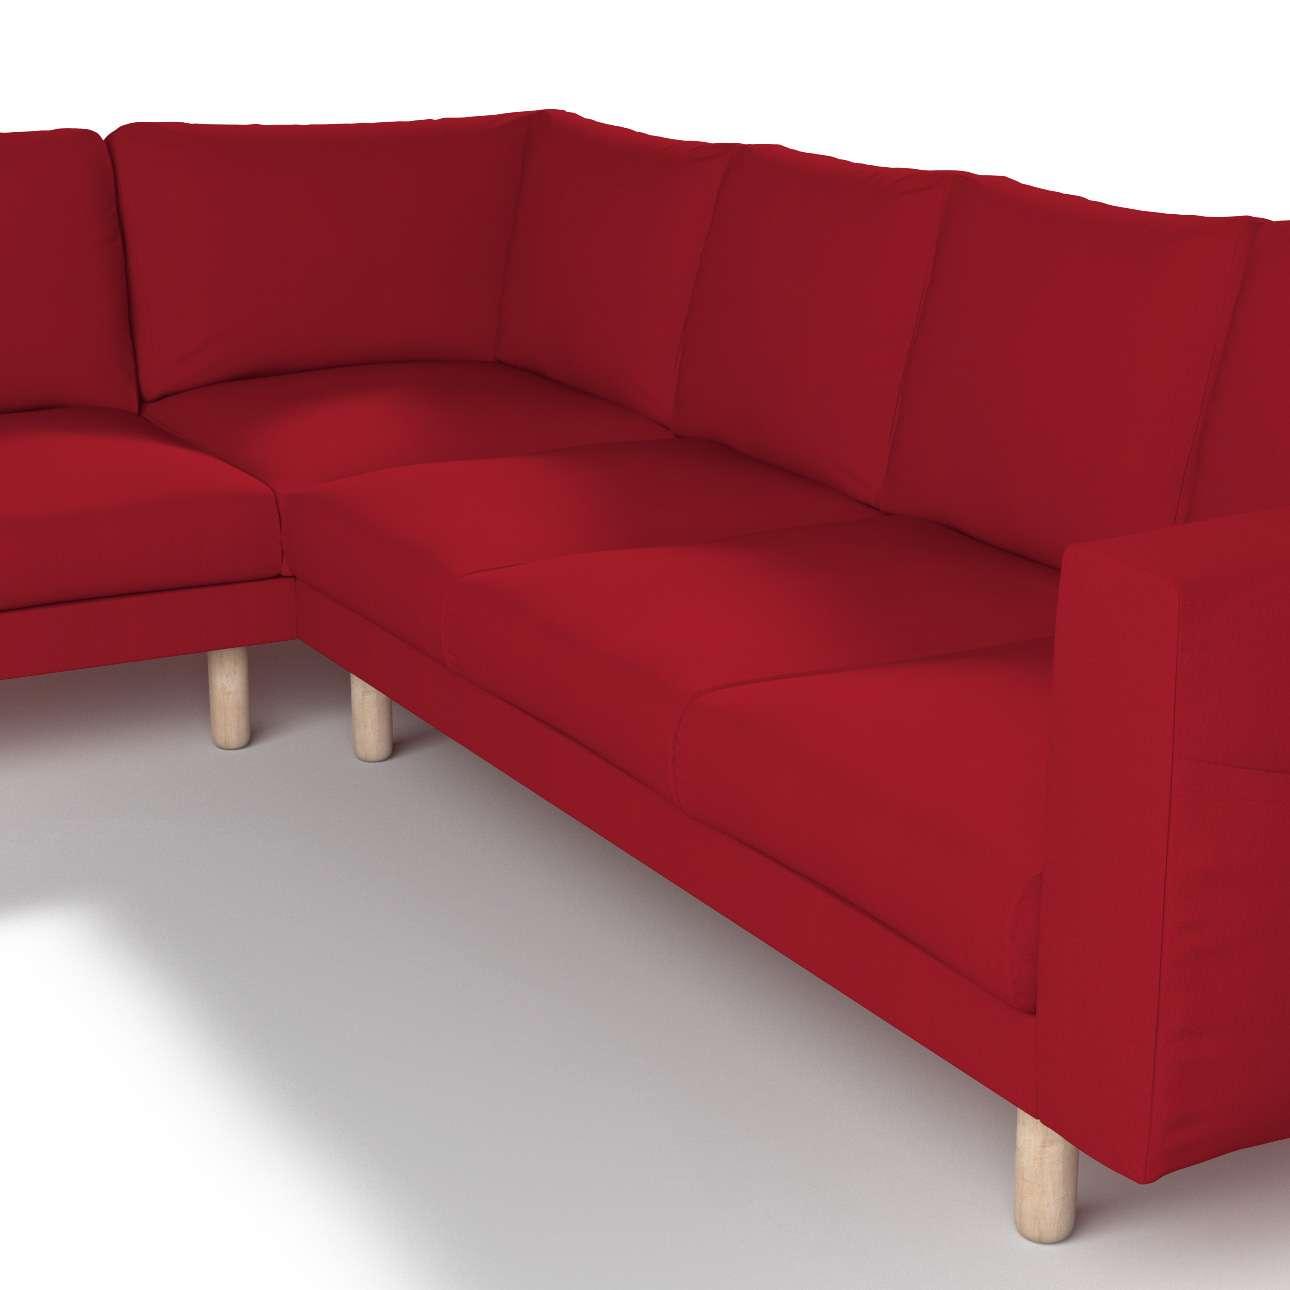 Pokrowiec na sofę narożną Norsborg 5-osobową w kolekcji Chenille, tkanina: 702-24